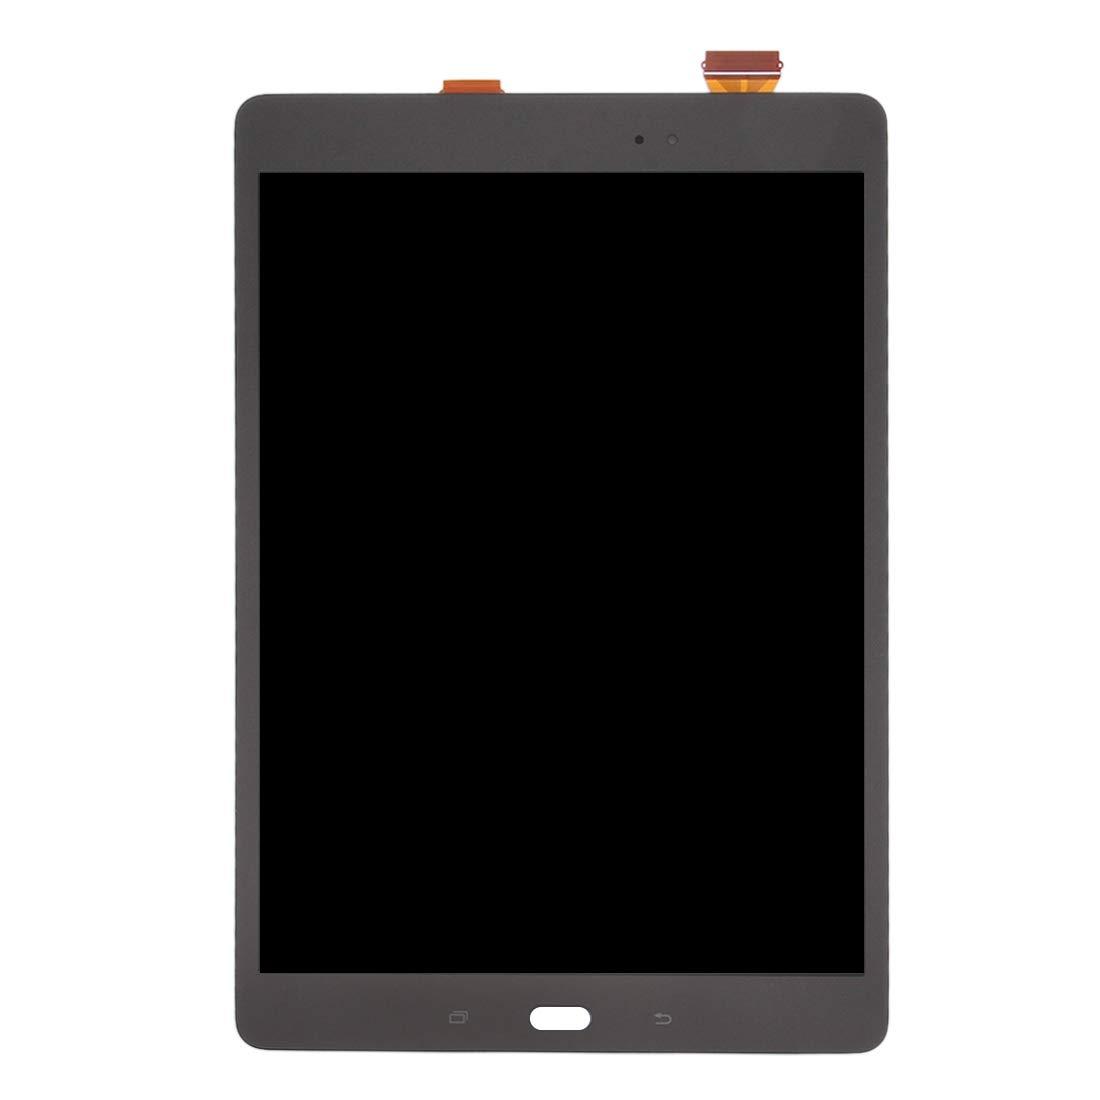 KANEED 携帯.スマートフォン修理パーツ B07M7H3X74 Galaxy Tab A P550 9.7/ (色 P550 LCDスクリーンとデジタイザーフルアセンブリ(ブラック)用 故障したアクセサリを交換 (色 : Black) Black B07M7H3X74, しがけん:dfd44a3c --- grupocmq.com